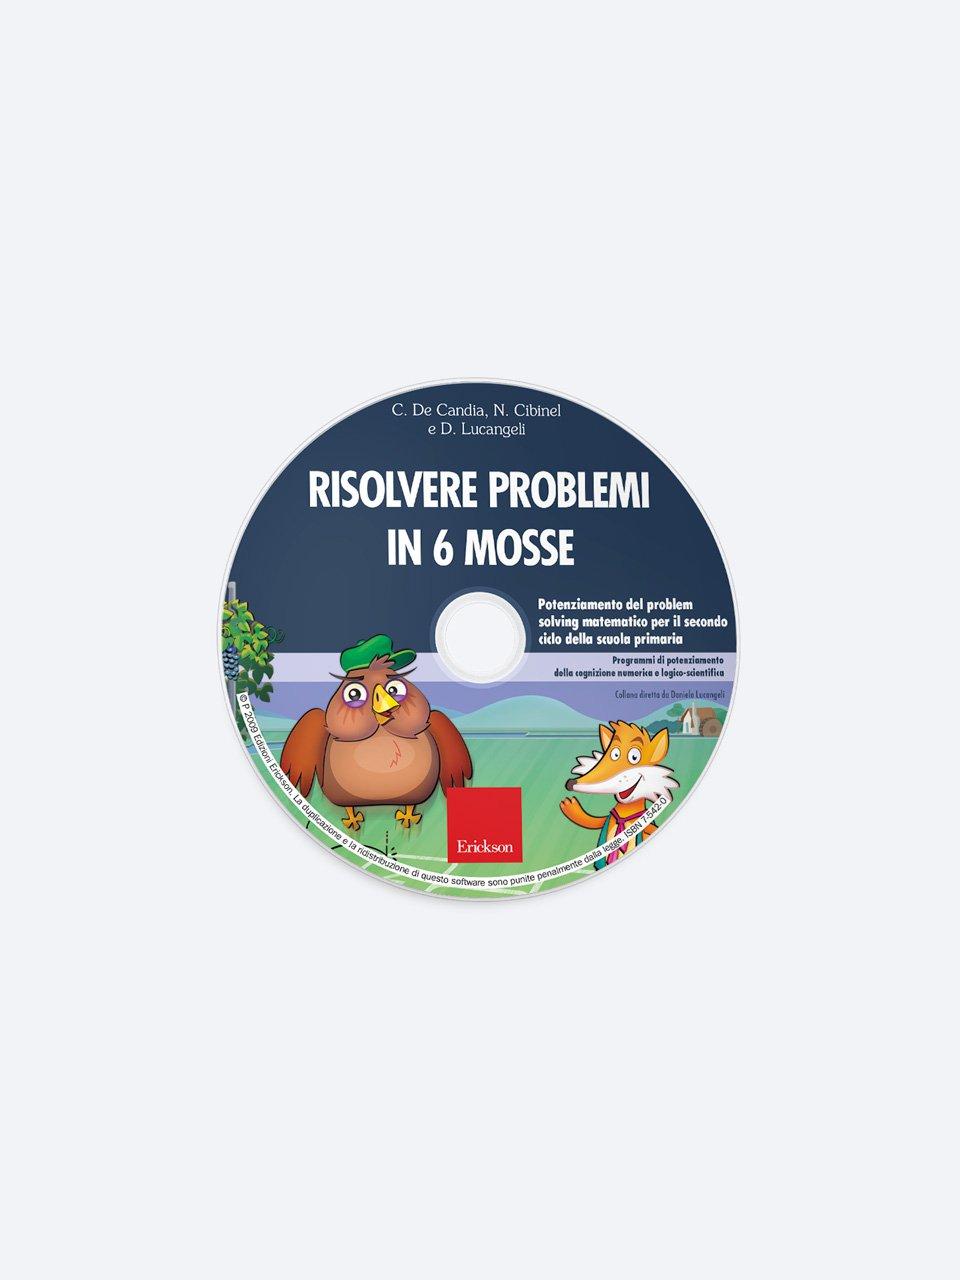 Risolvere problemi in 6 mosse - Facciamo il punto su... La discalculia - Libri - Erickson 3